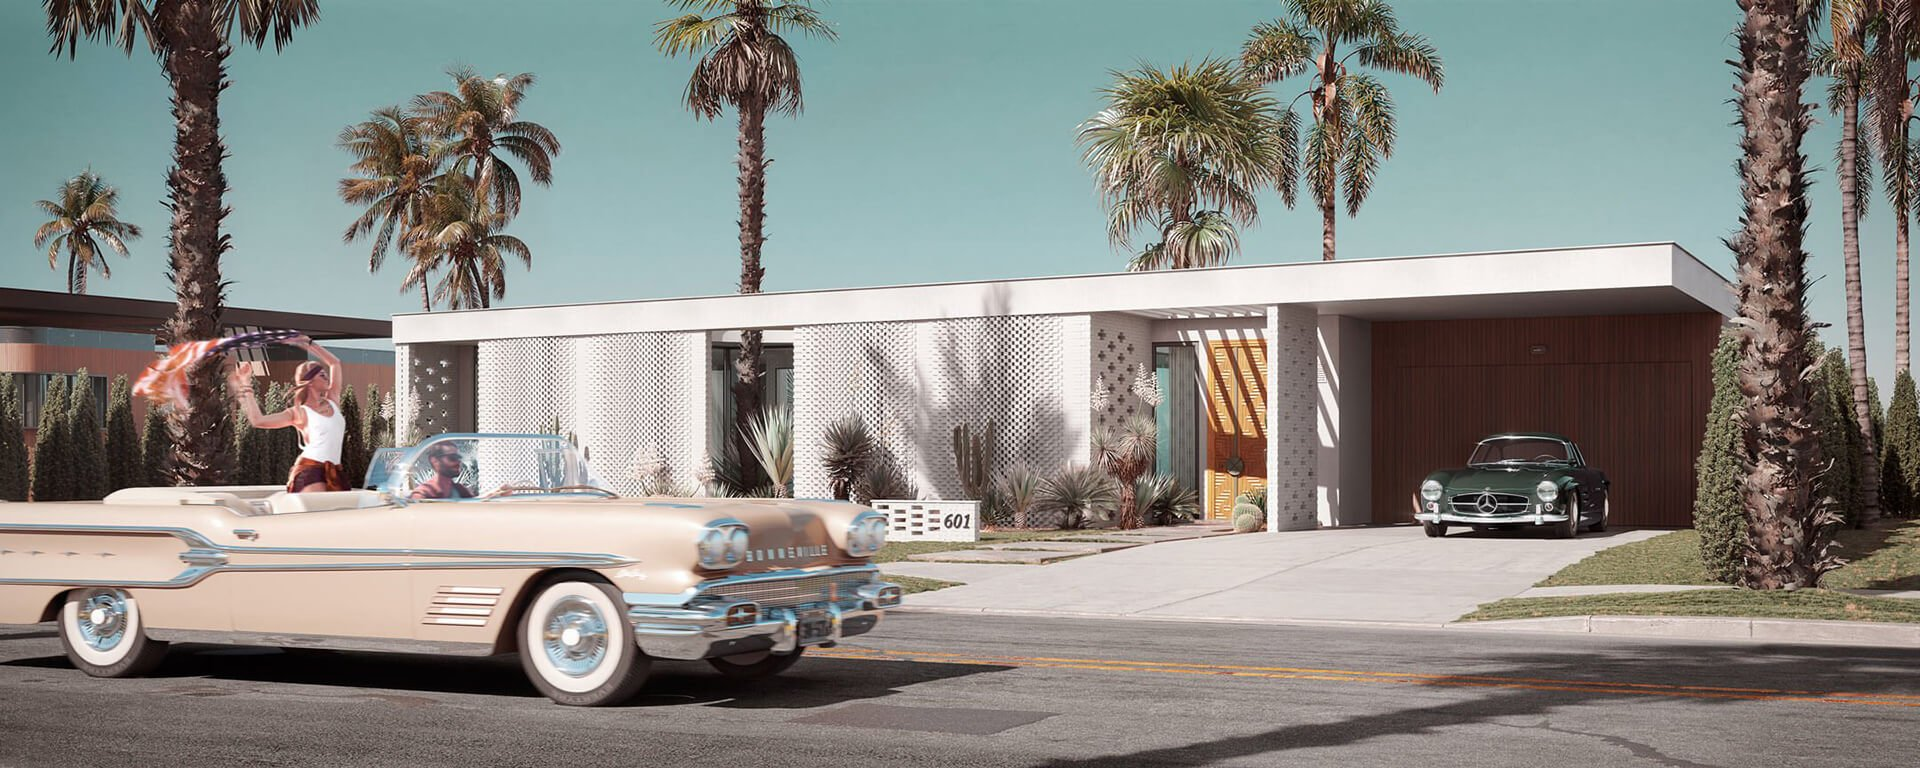 Atmospheric CG Image of a Villa in LA